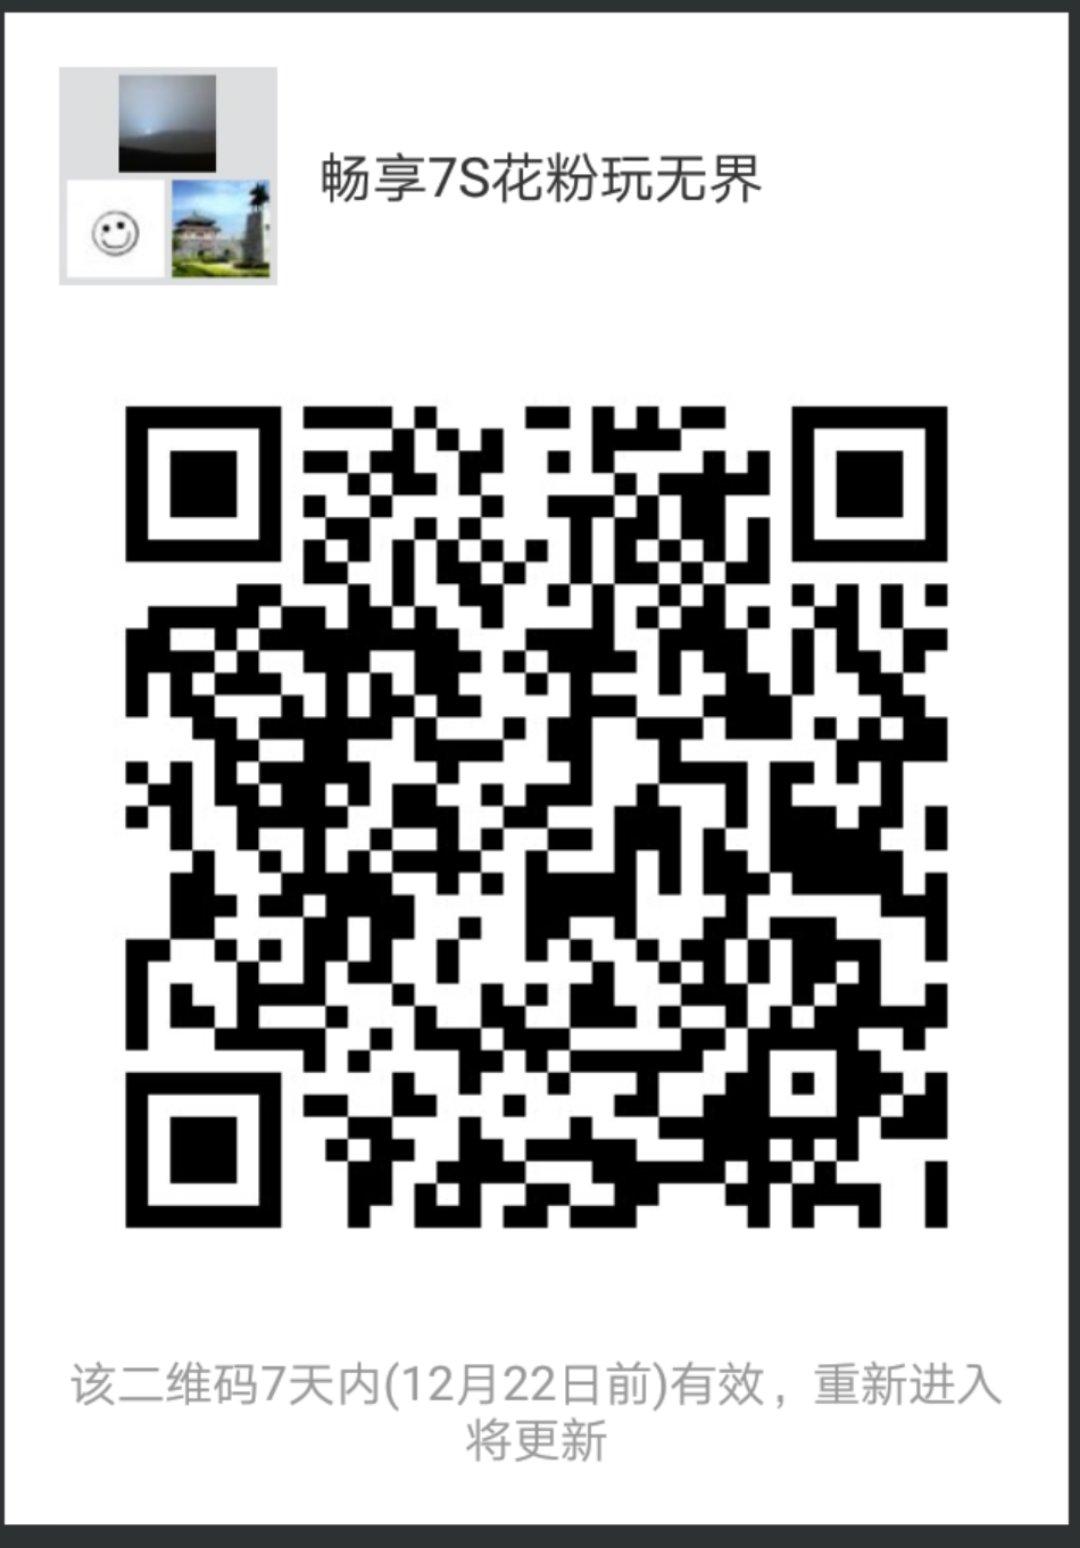 微信图片_20171215142806.jpg